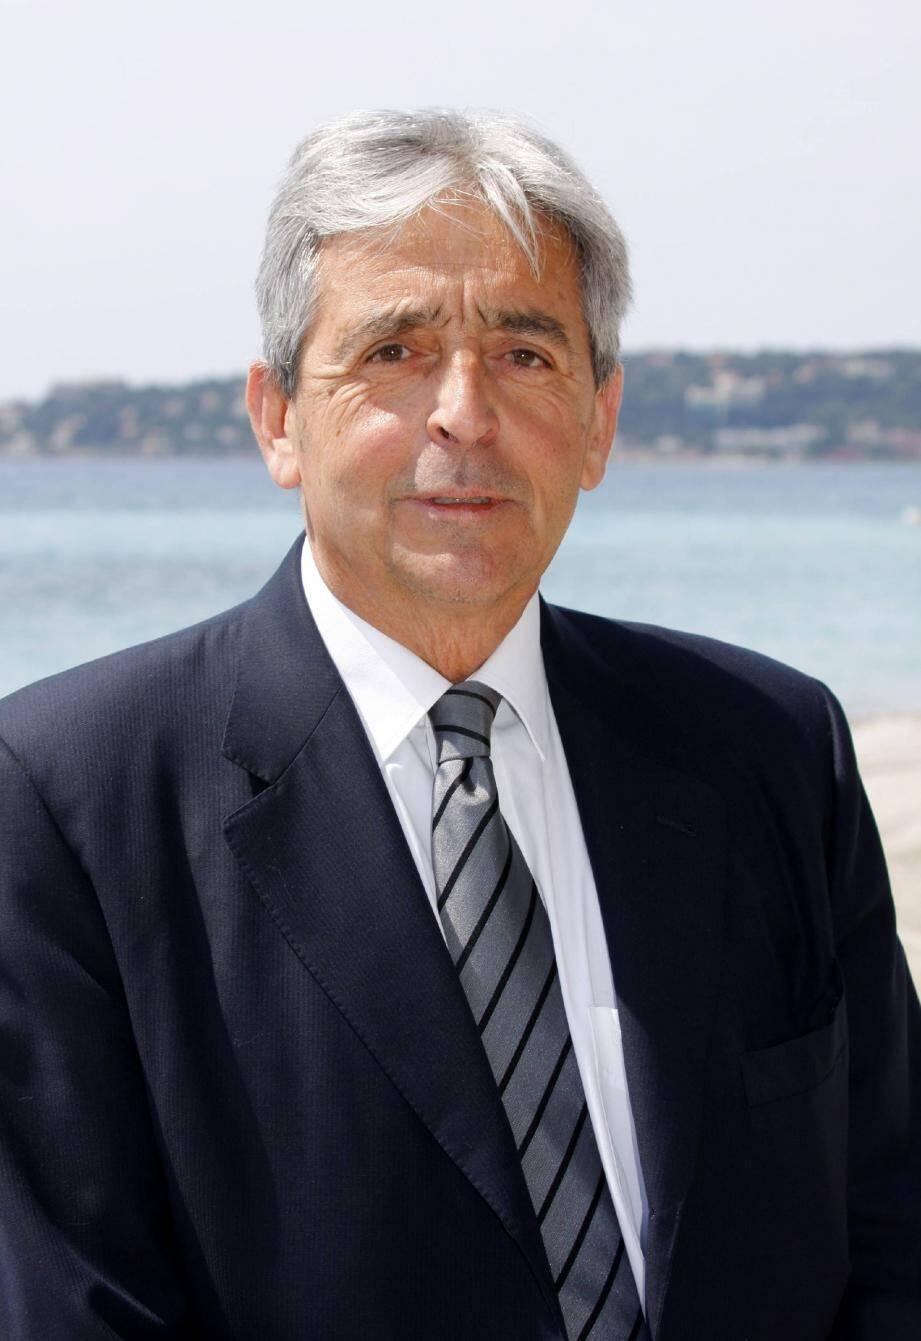 Thierry Giorgio se pose en rassembleur et en homme du changement.